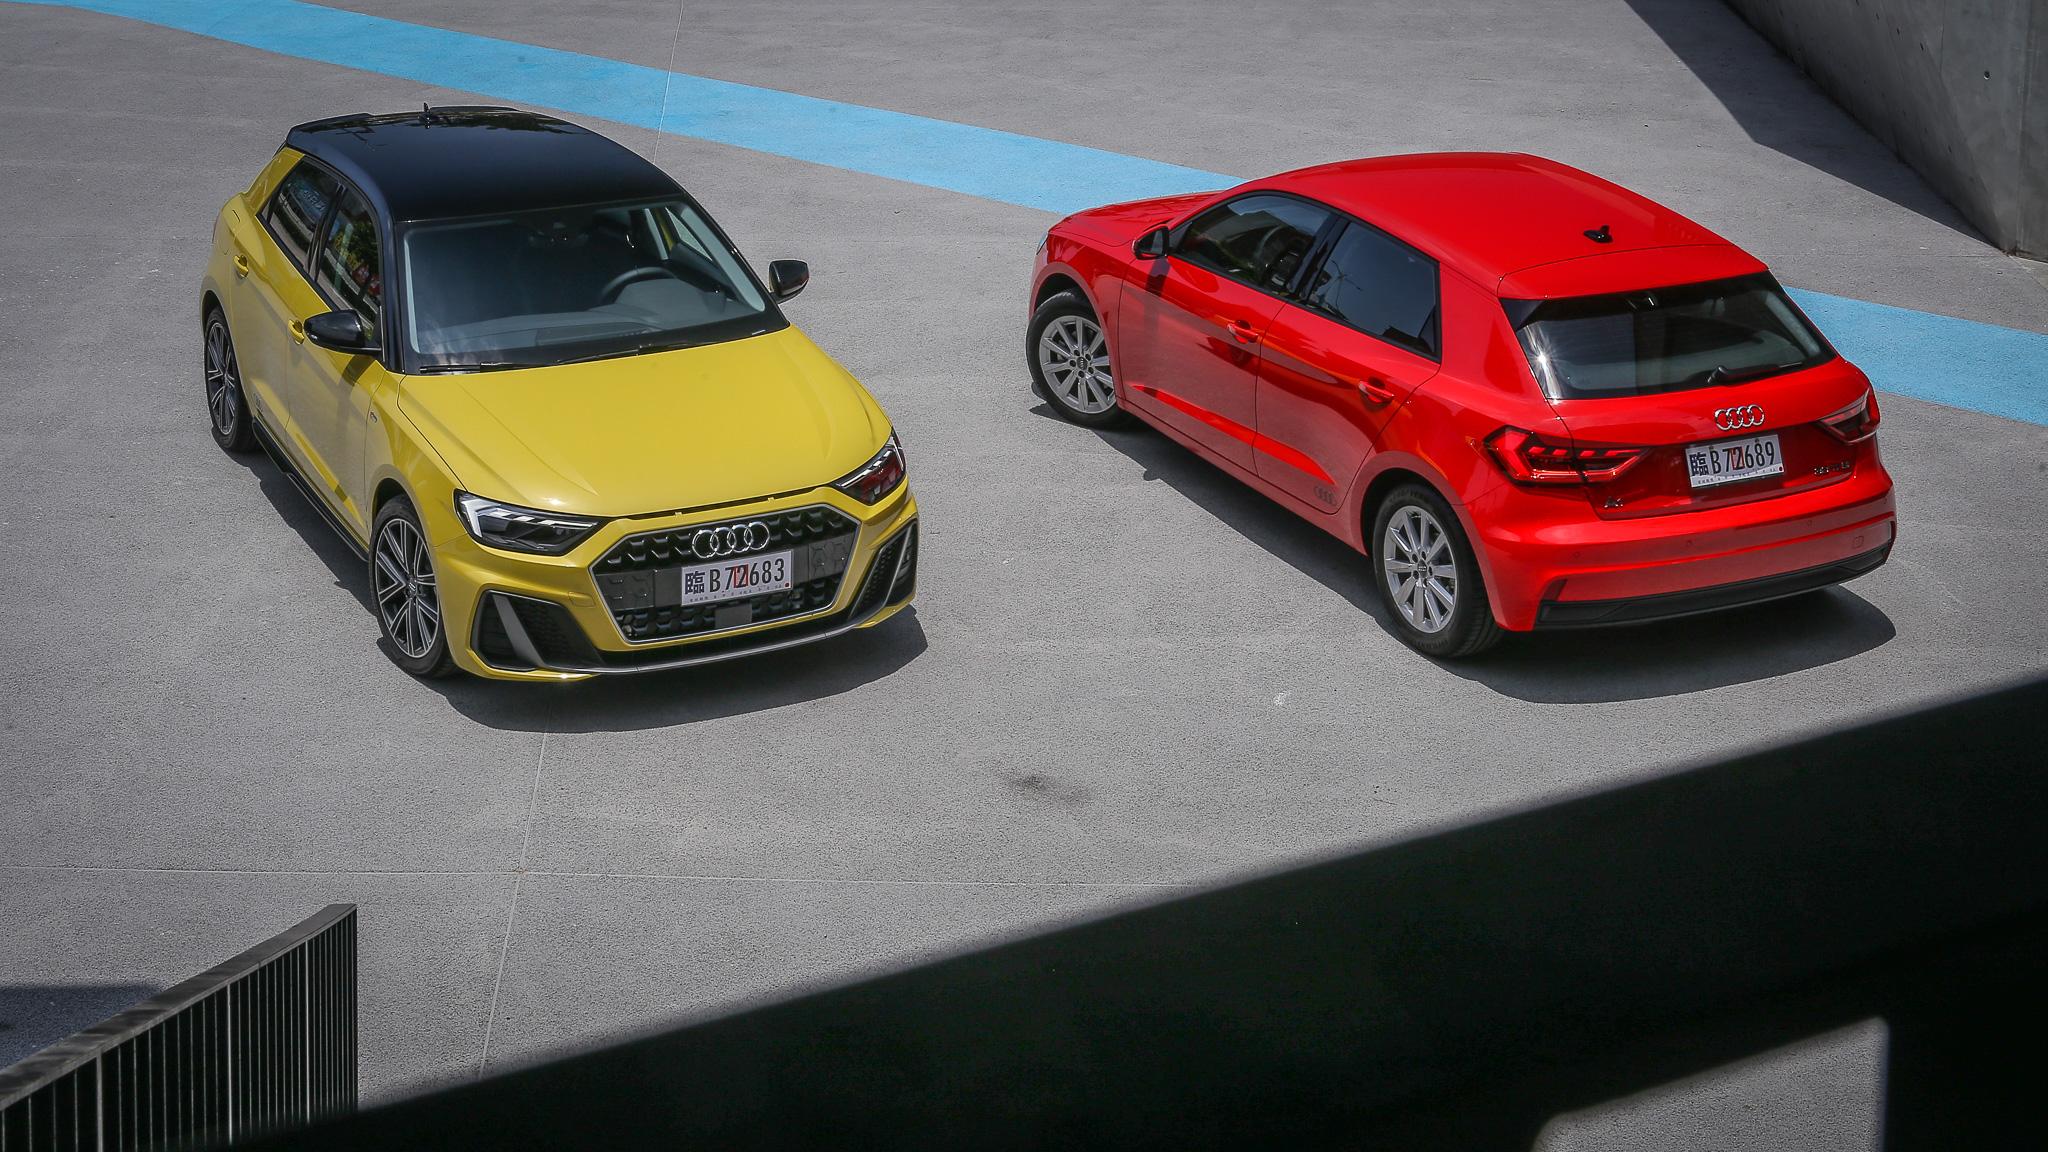 全新 Audi A1 很棒,但市場風向還在嗎?